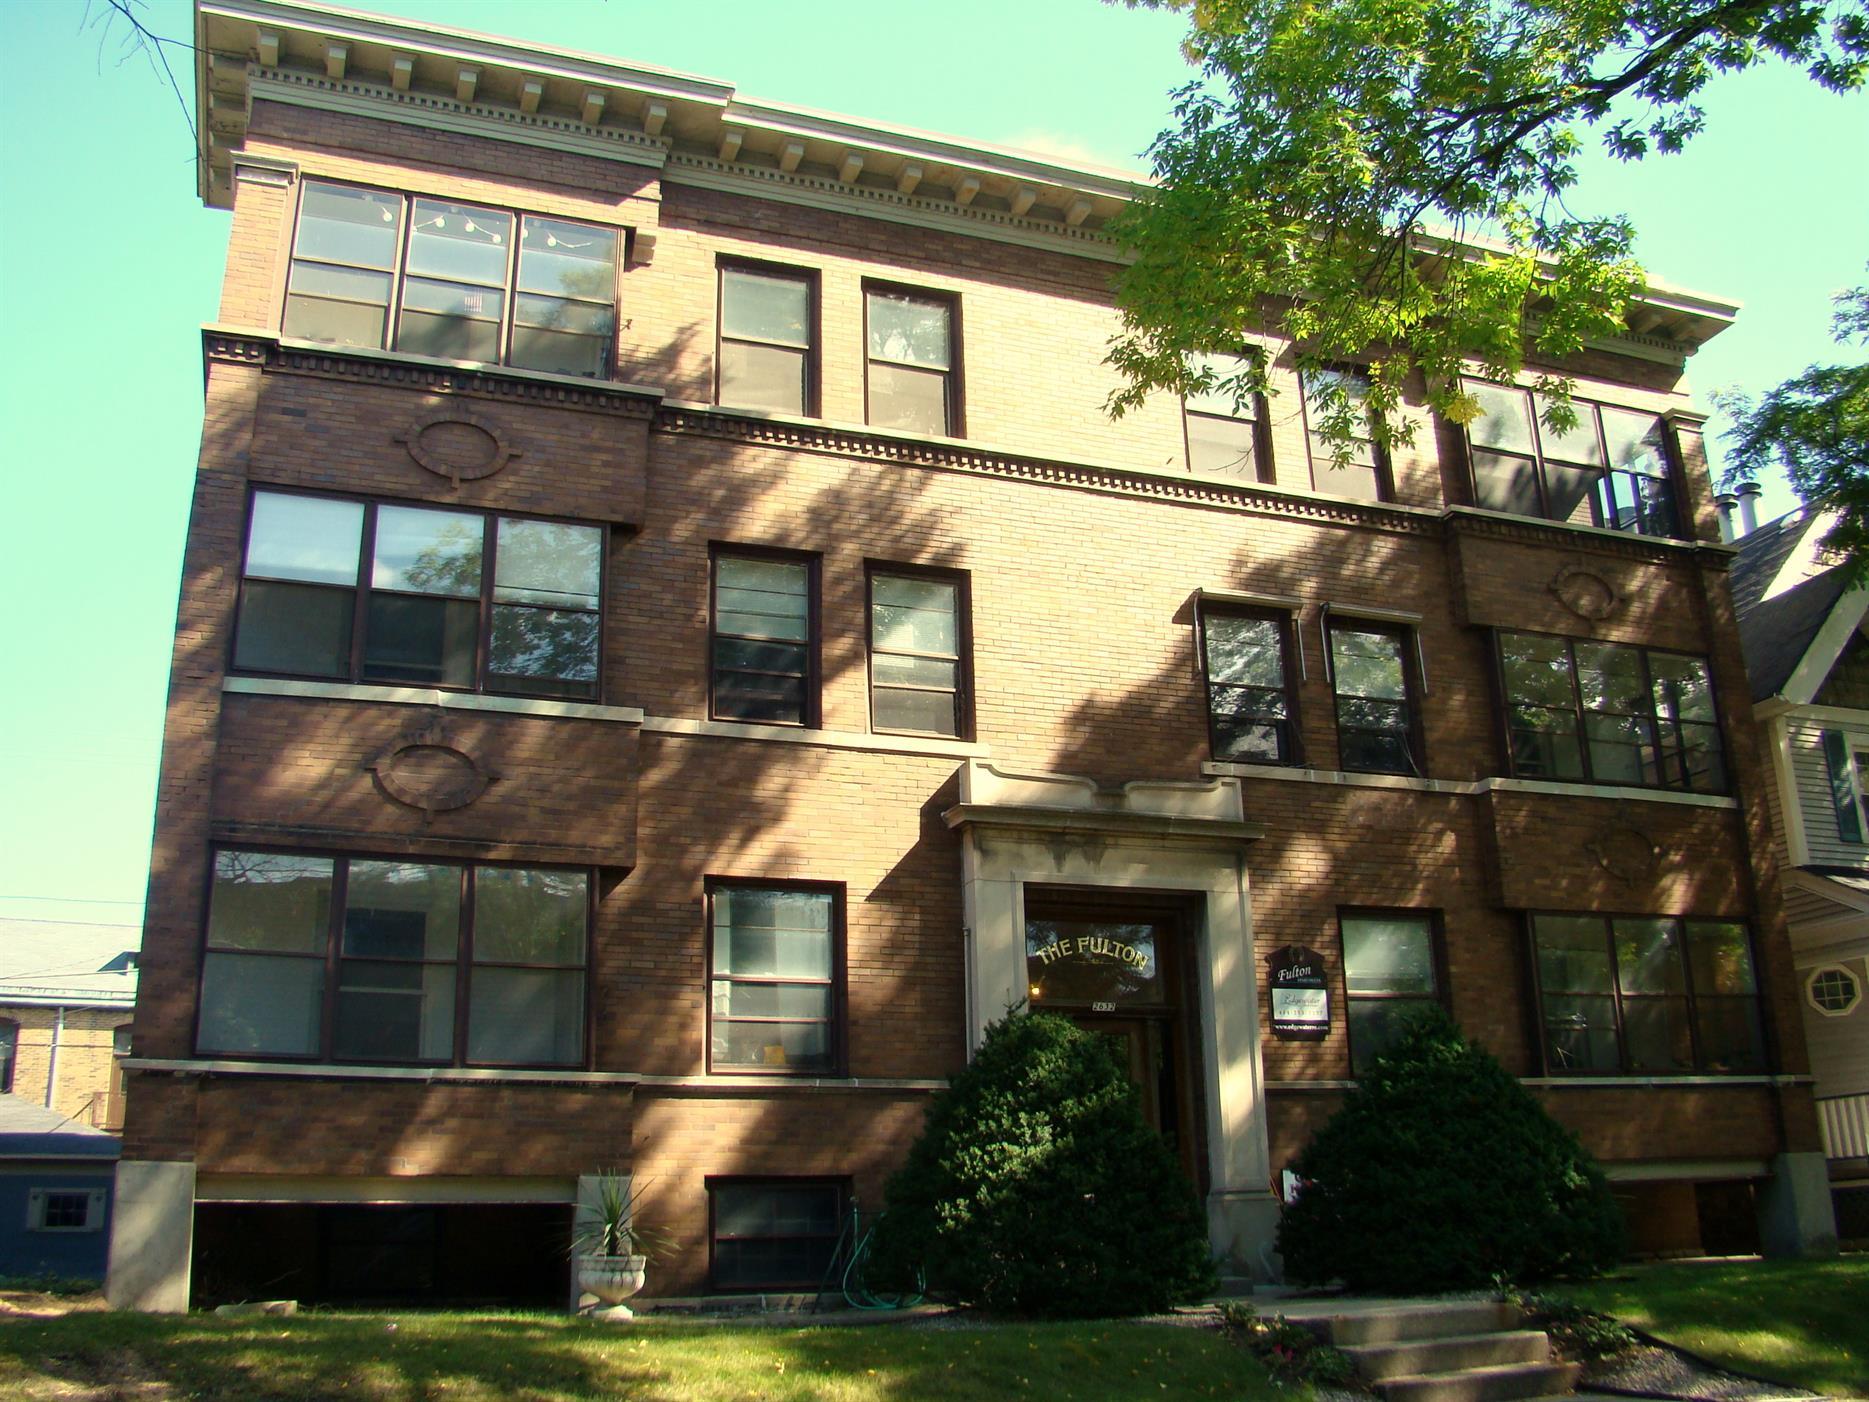 2632 N. Prospect Ave.